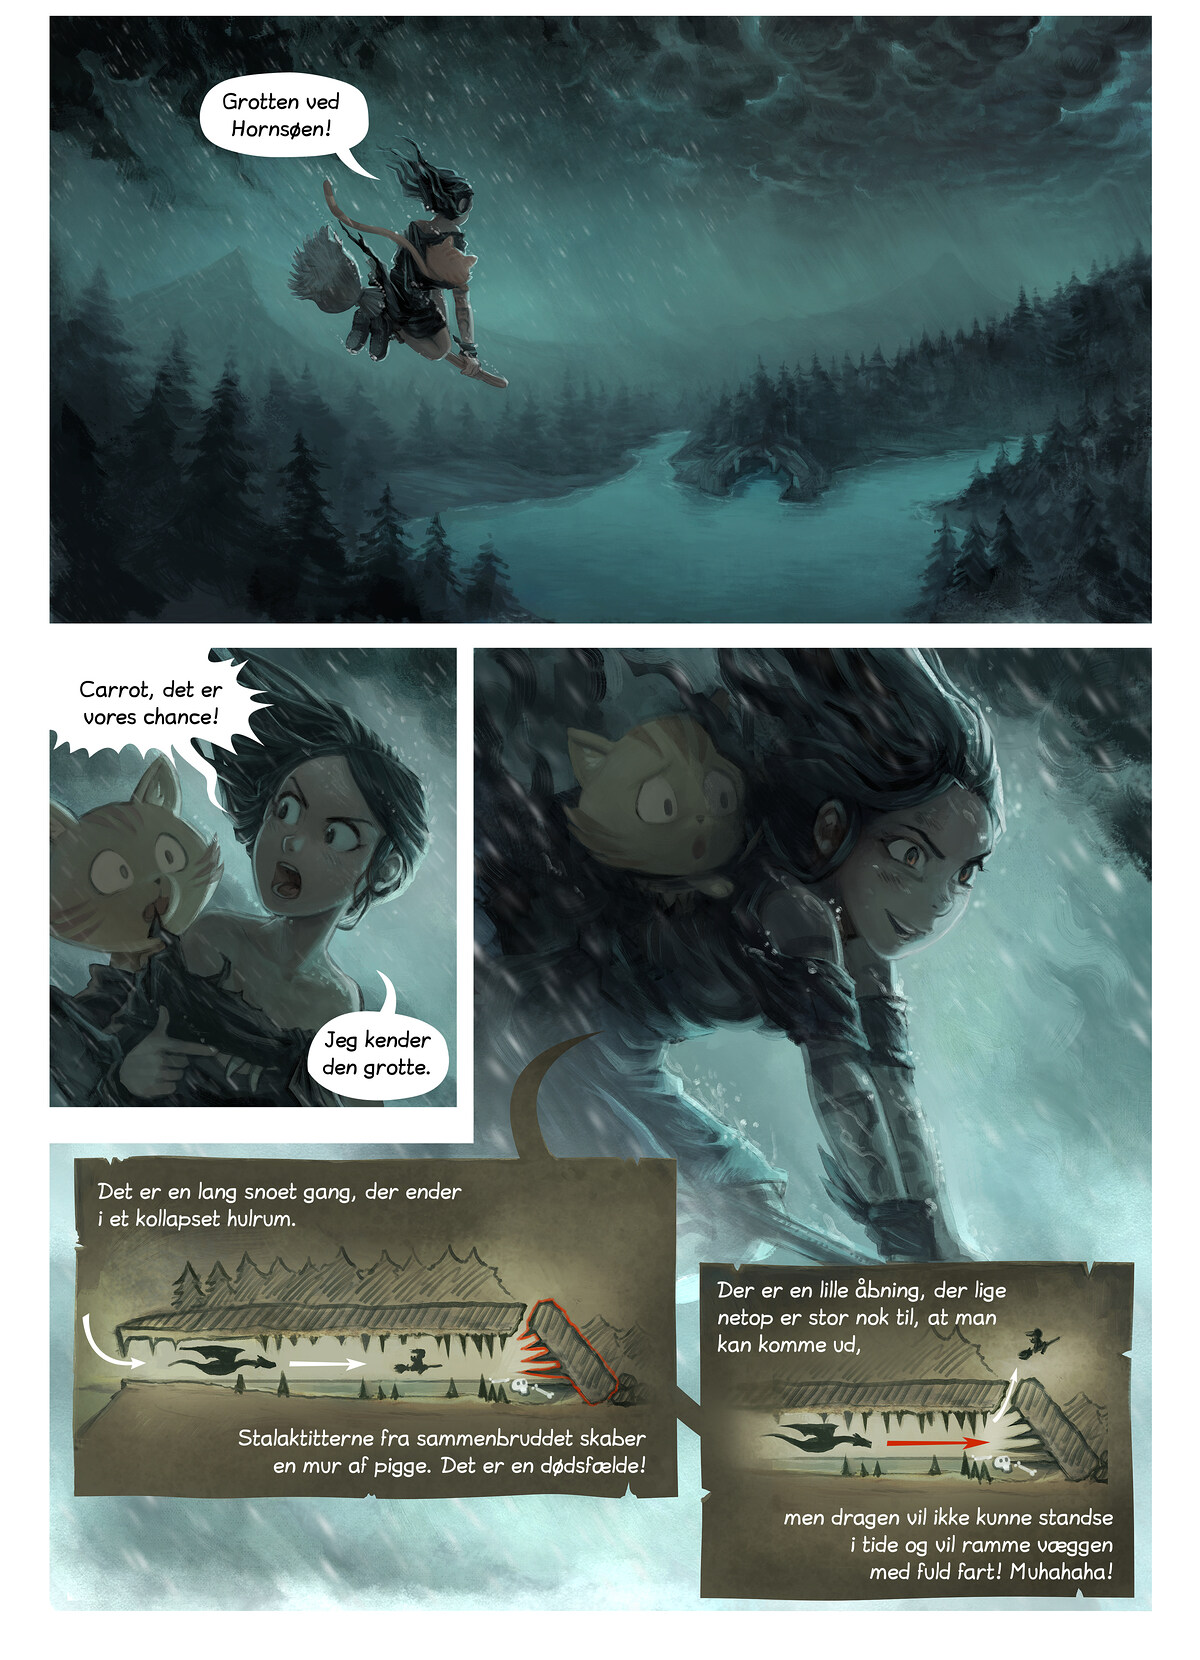 Episode 35: Spejlbilledet, Page 6